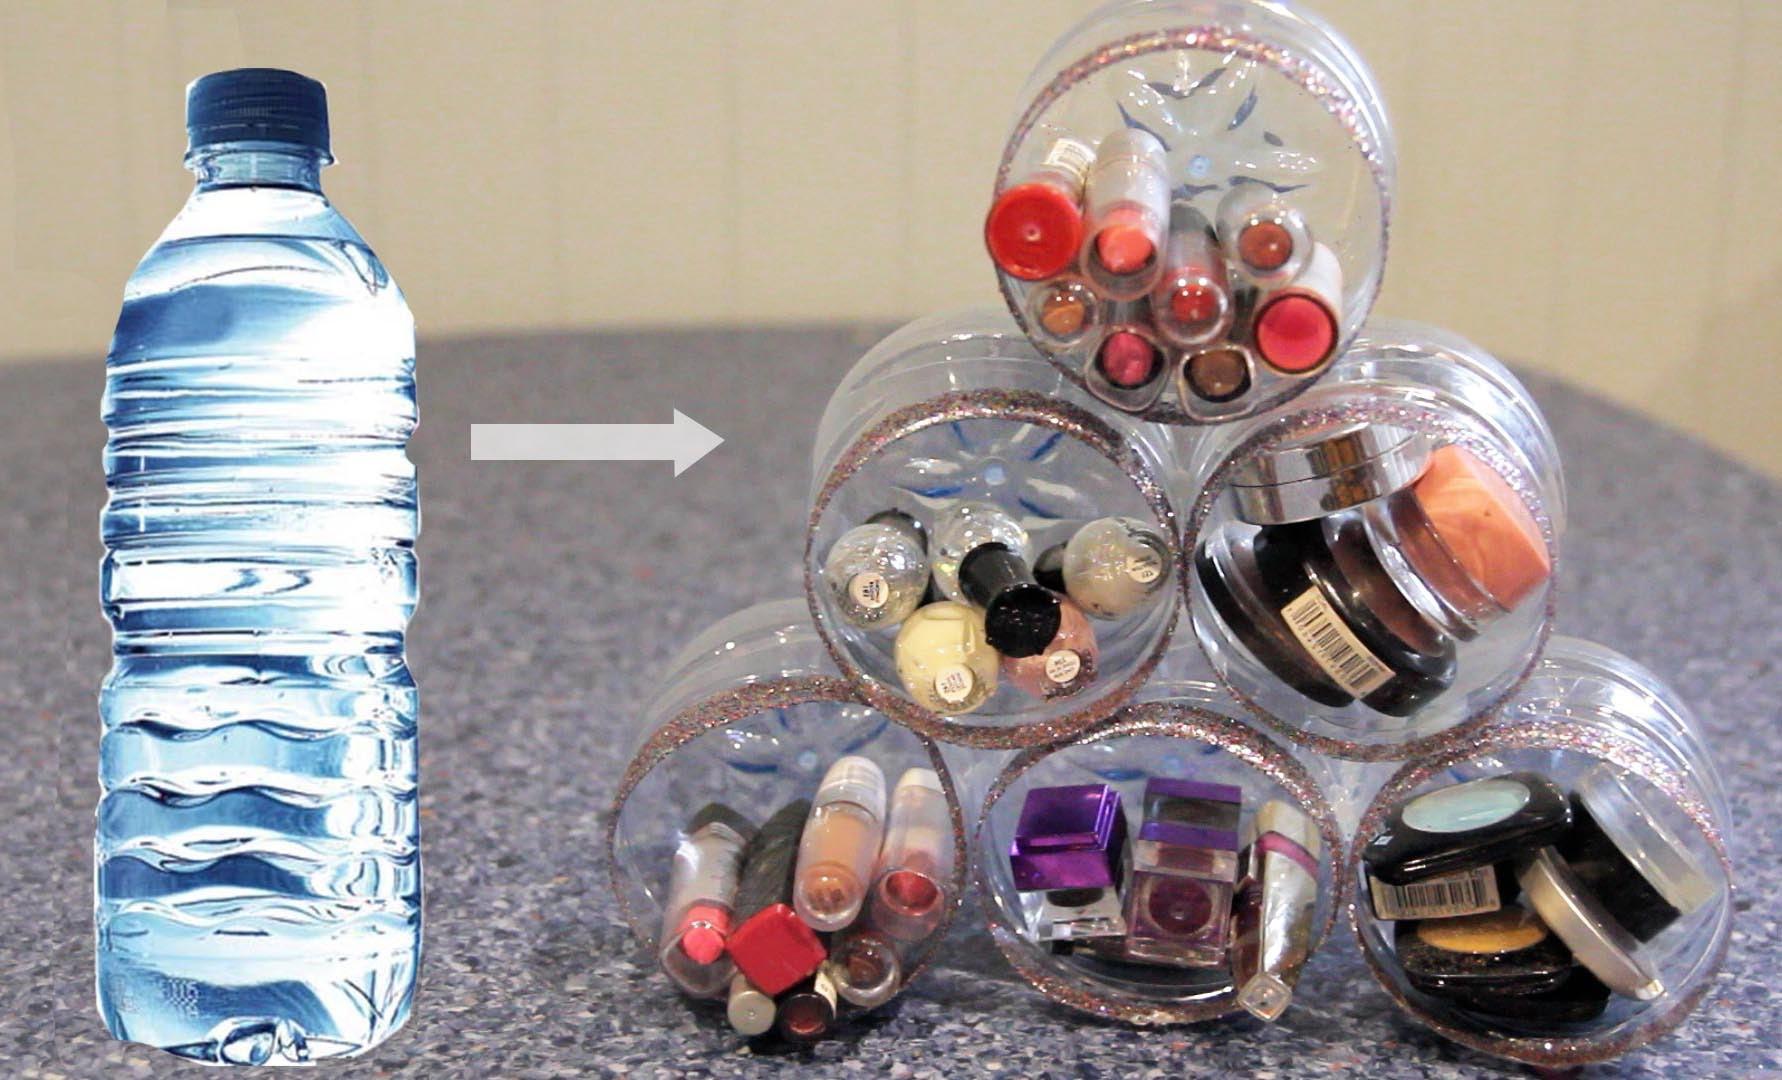 DIY Makeup. Room Organiser ♡ Recycle Plastic Bottles